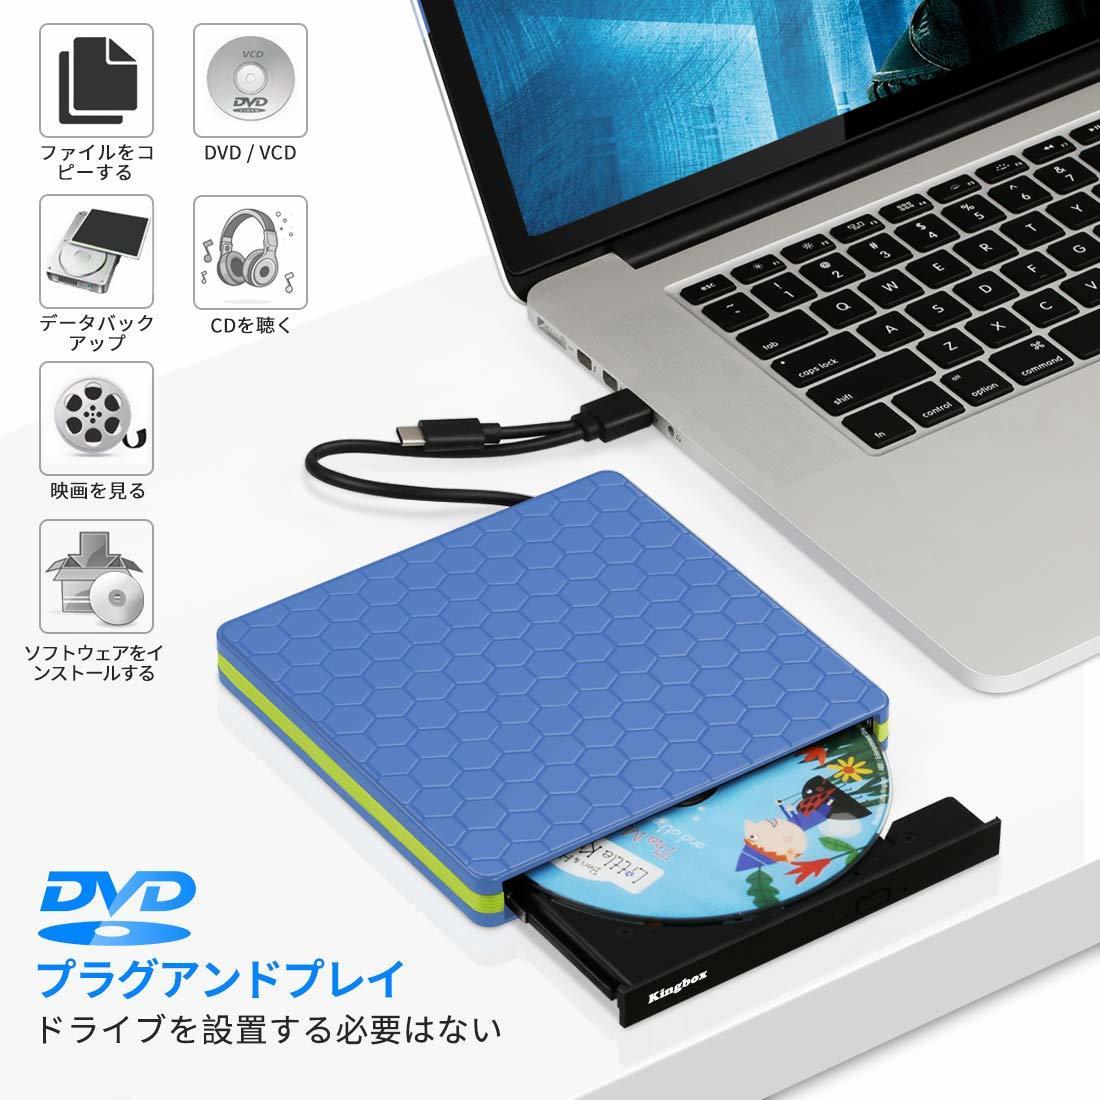 【作業効率化!】21C【2019最新型】USB3.0 外付け DVD ドライブ DVD プレーヤー USB ポータブルドライブ USB3.0 Type-C 薄型 _画像5